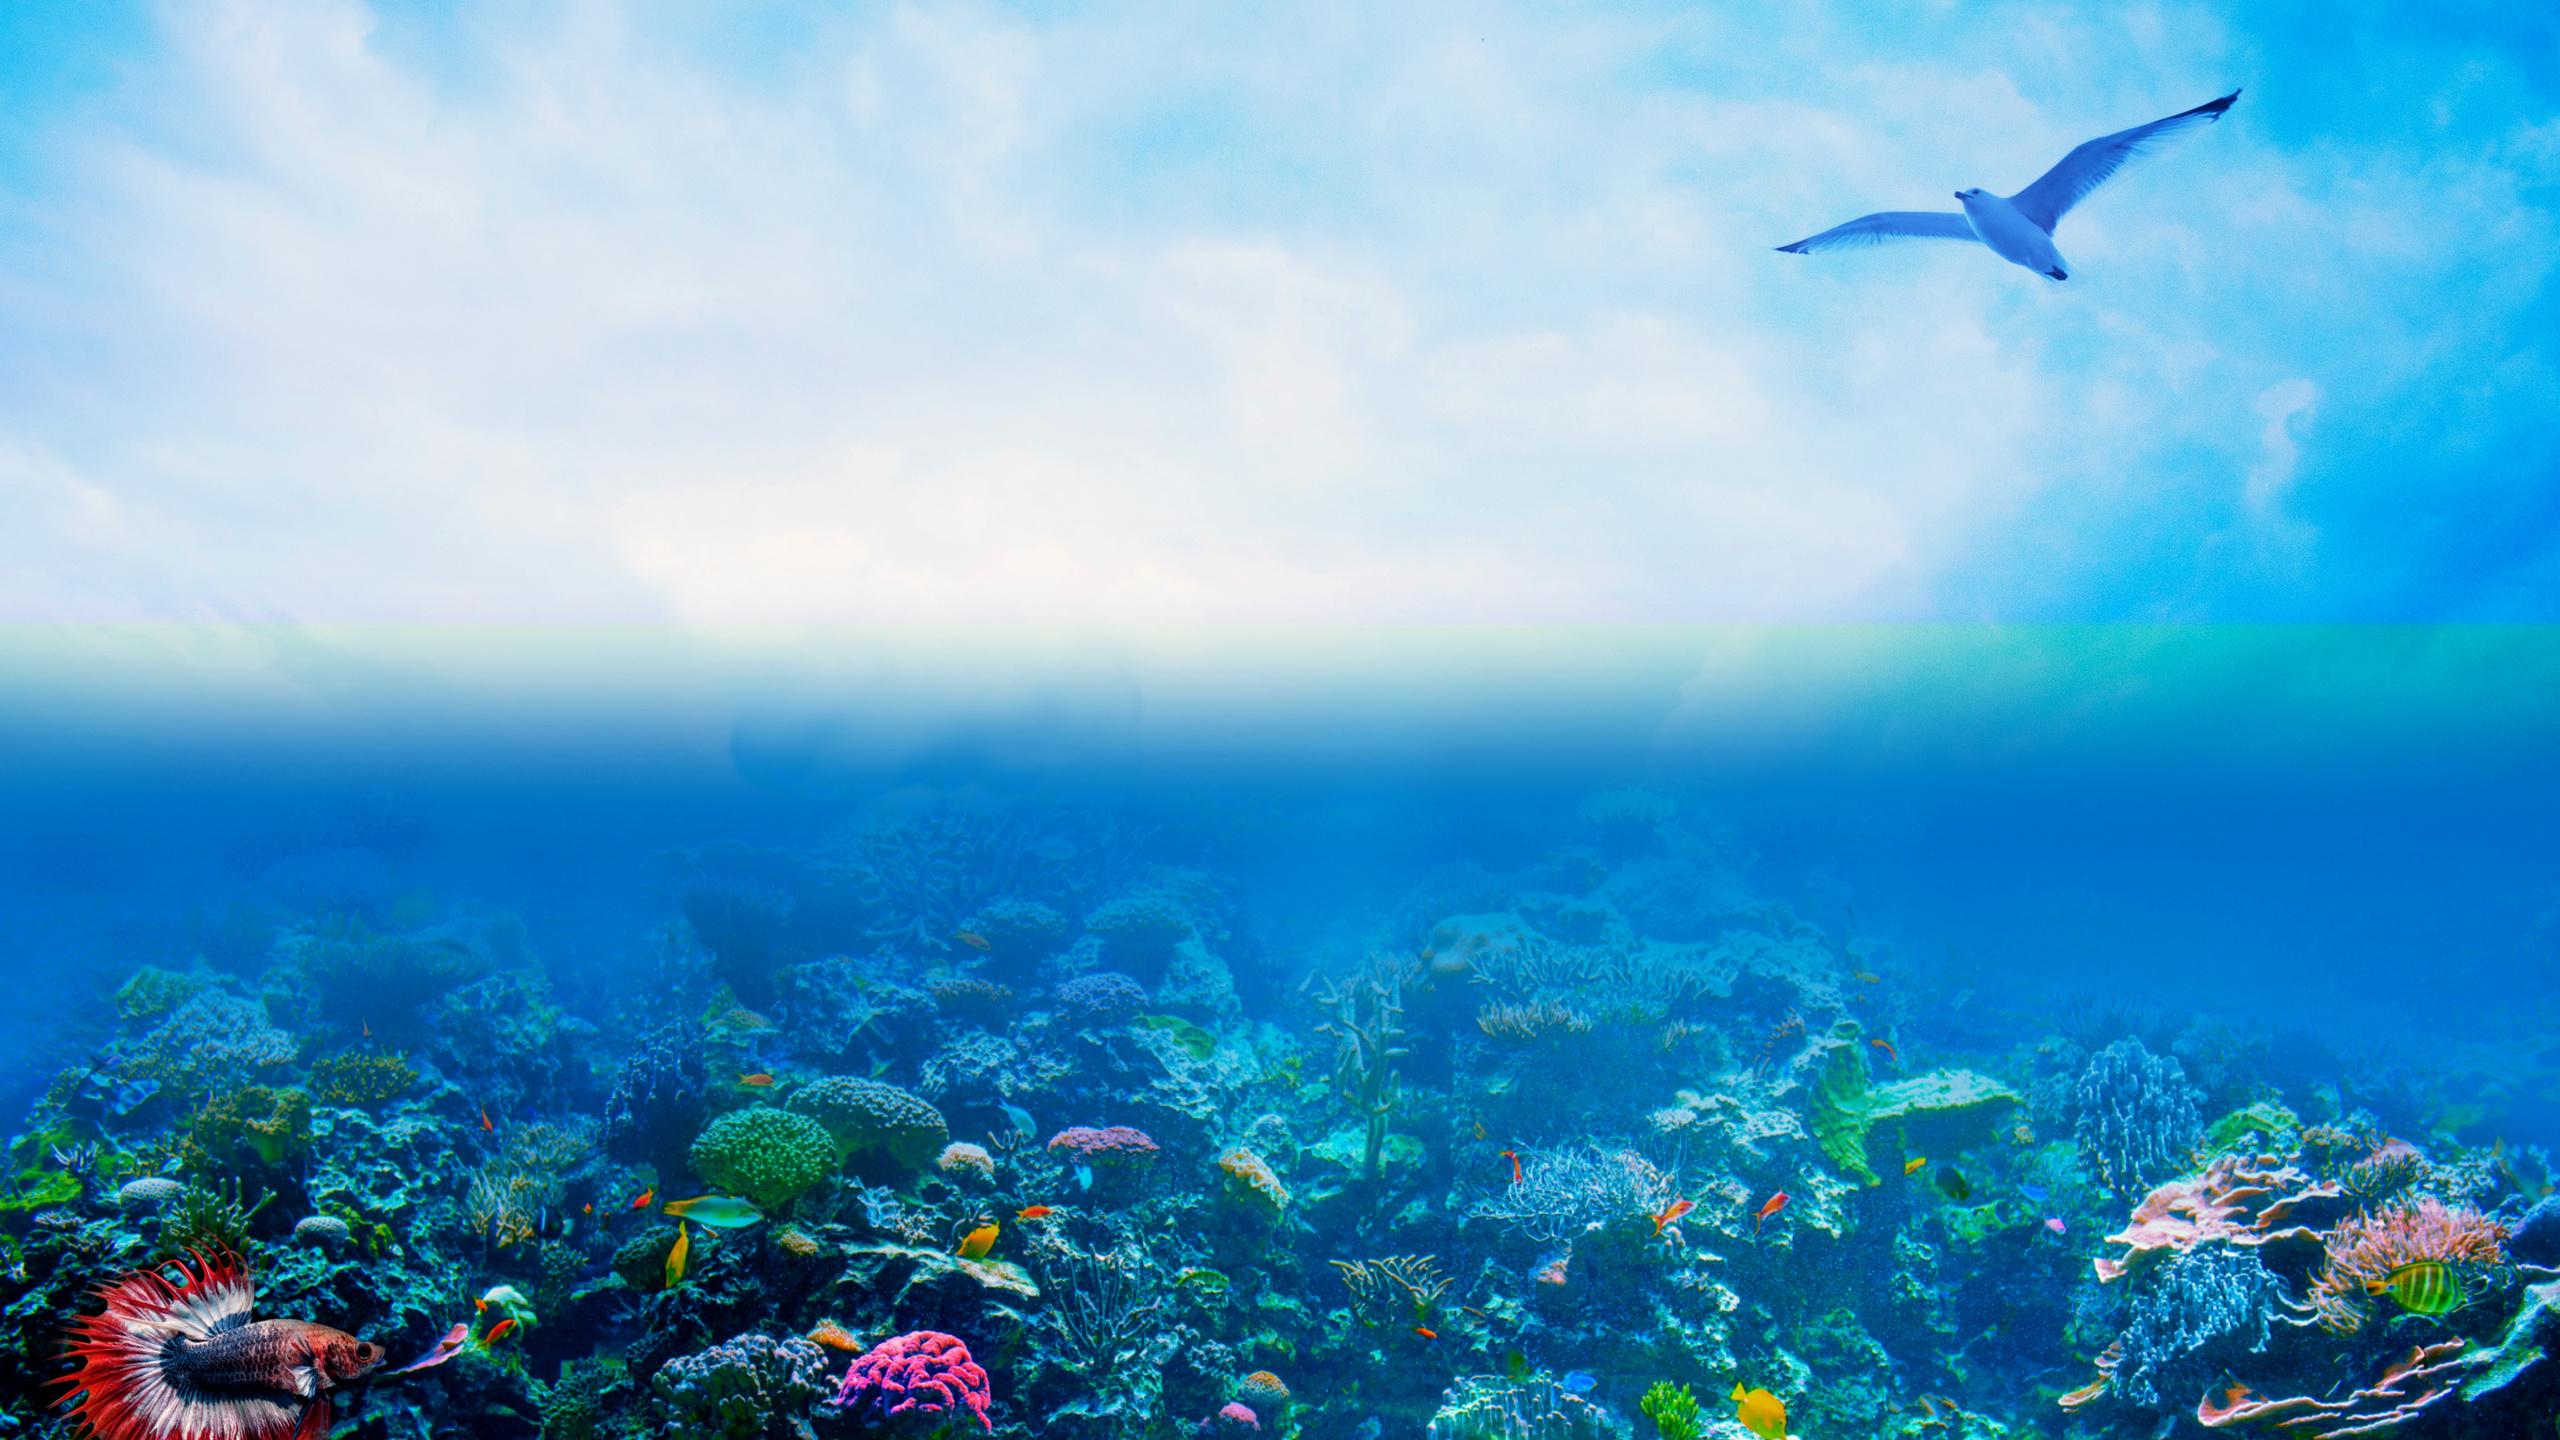 океан, небо, подводный, мир